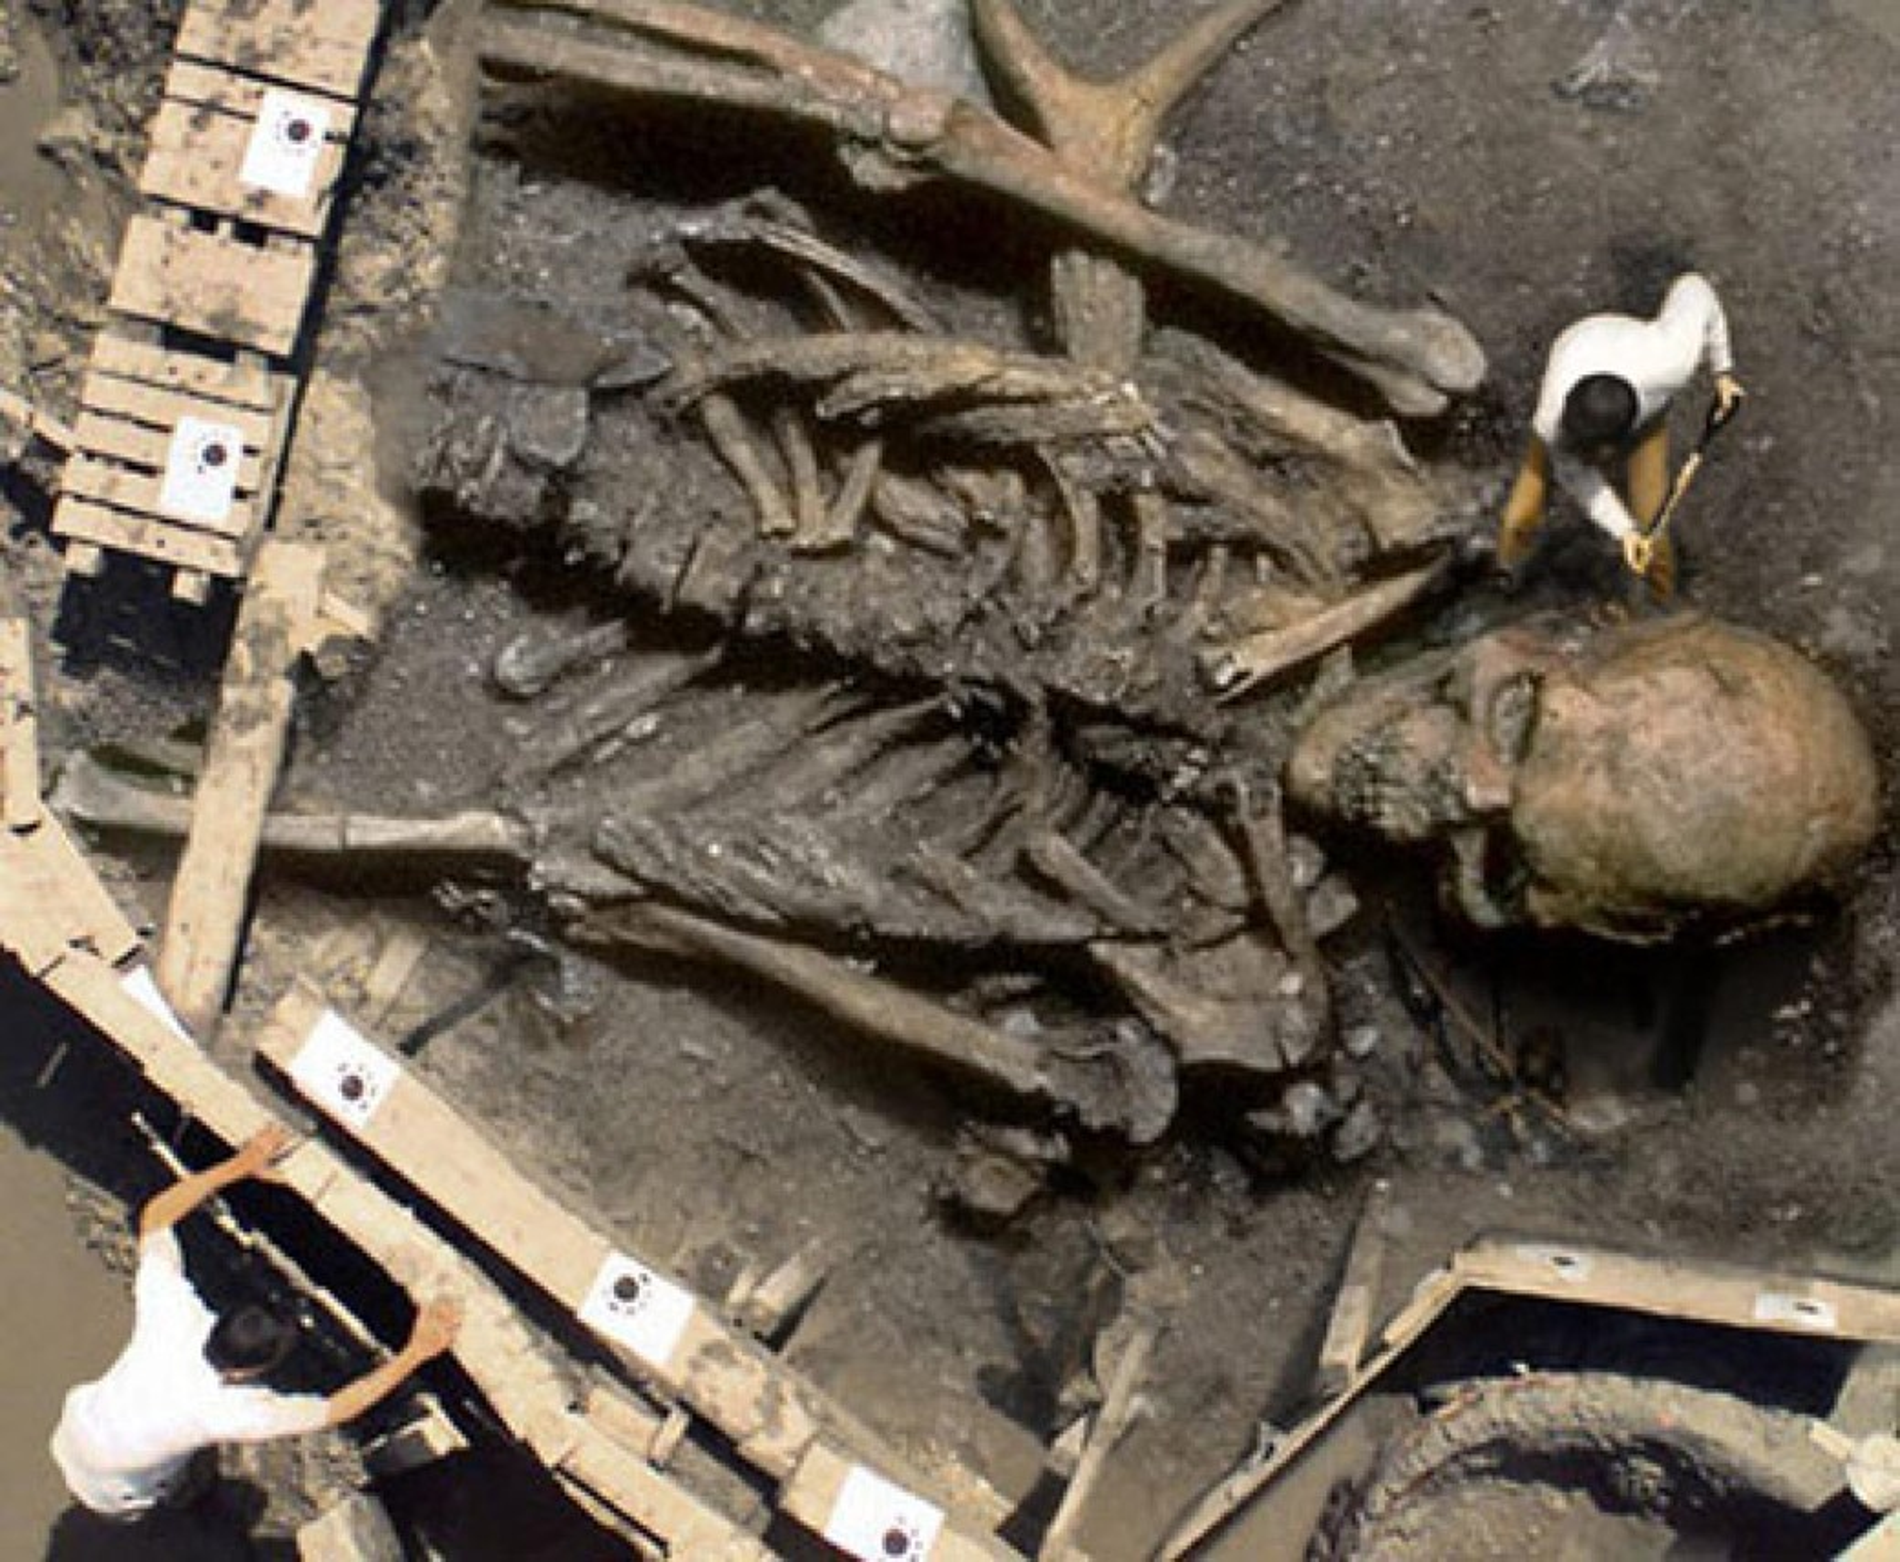 Suposto esqueleto gigante encontrado na Índia. (Ironkite/Reprodução)